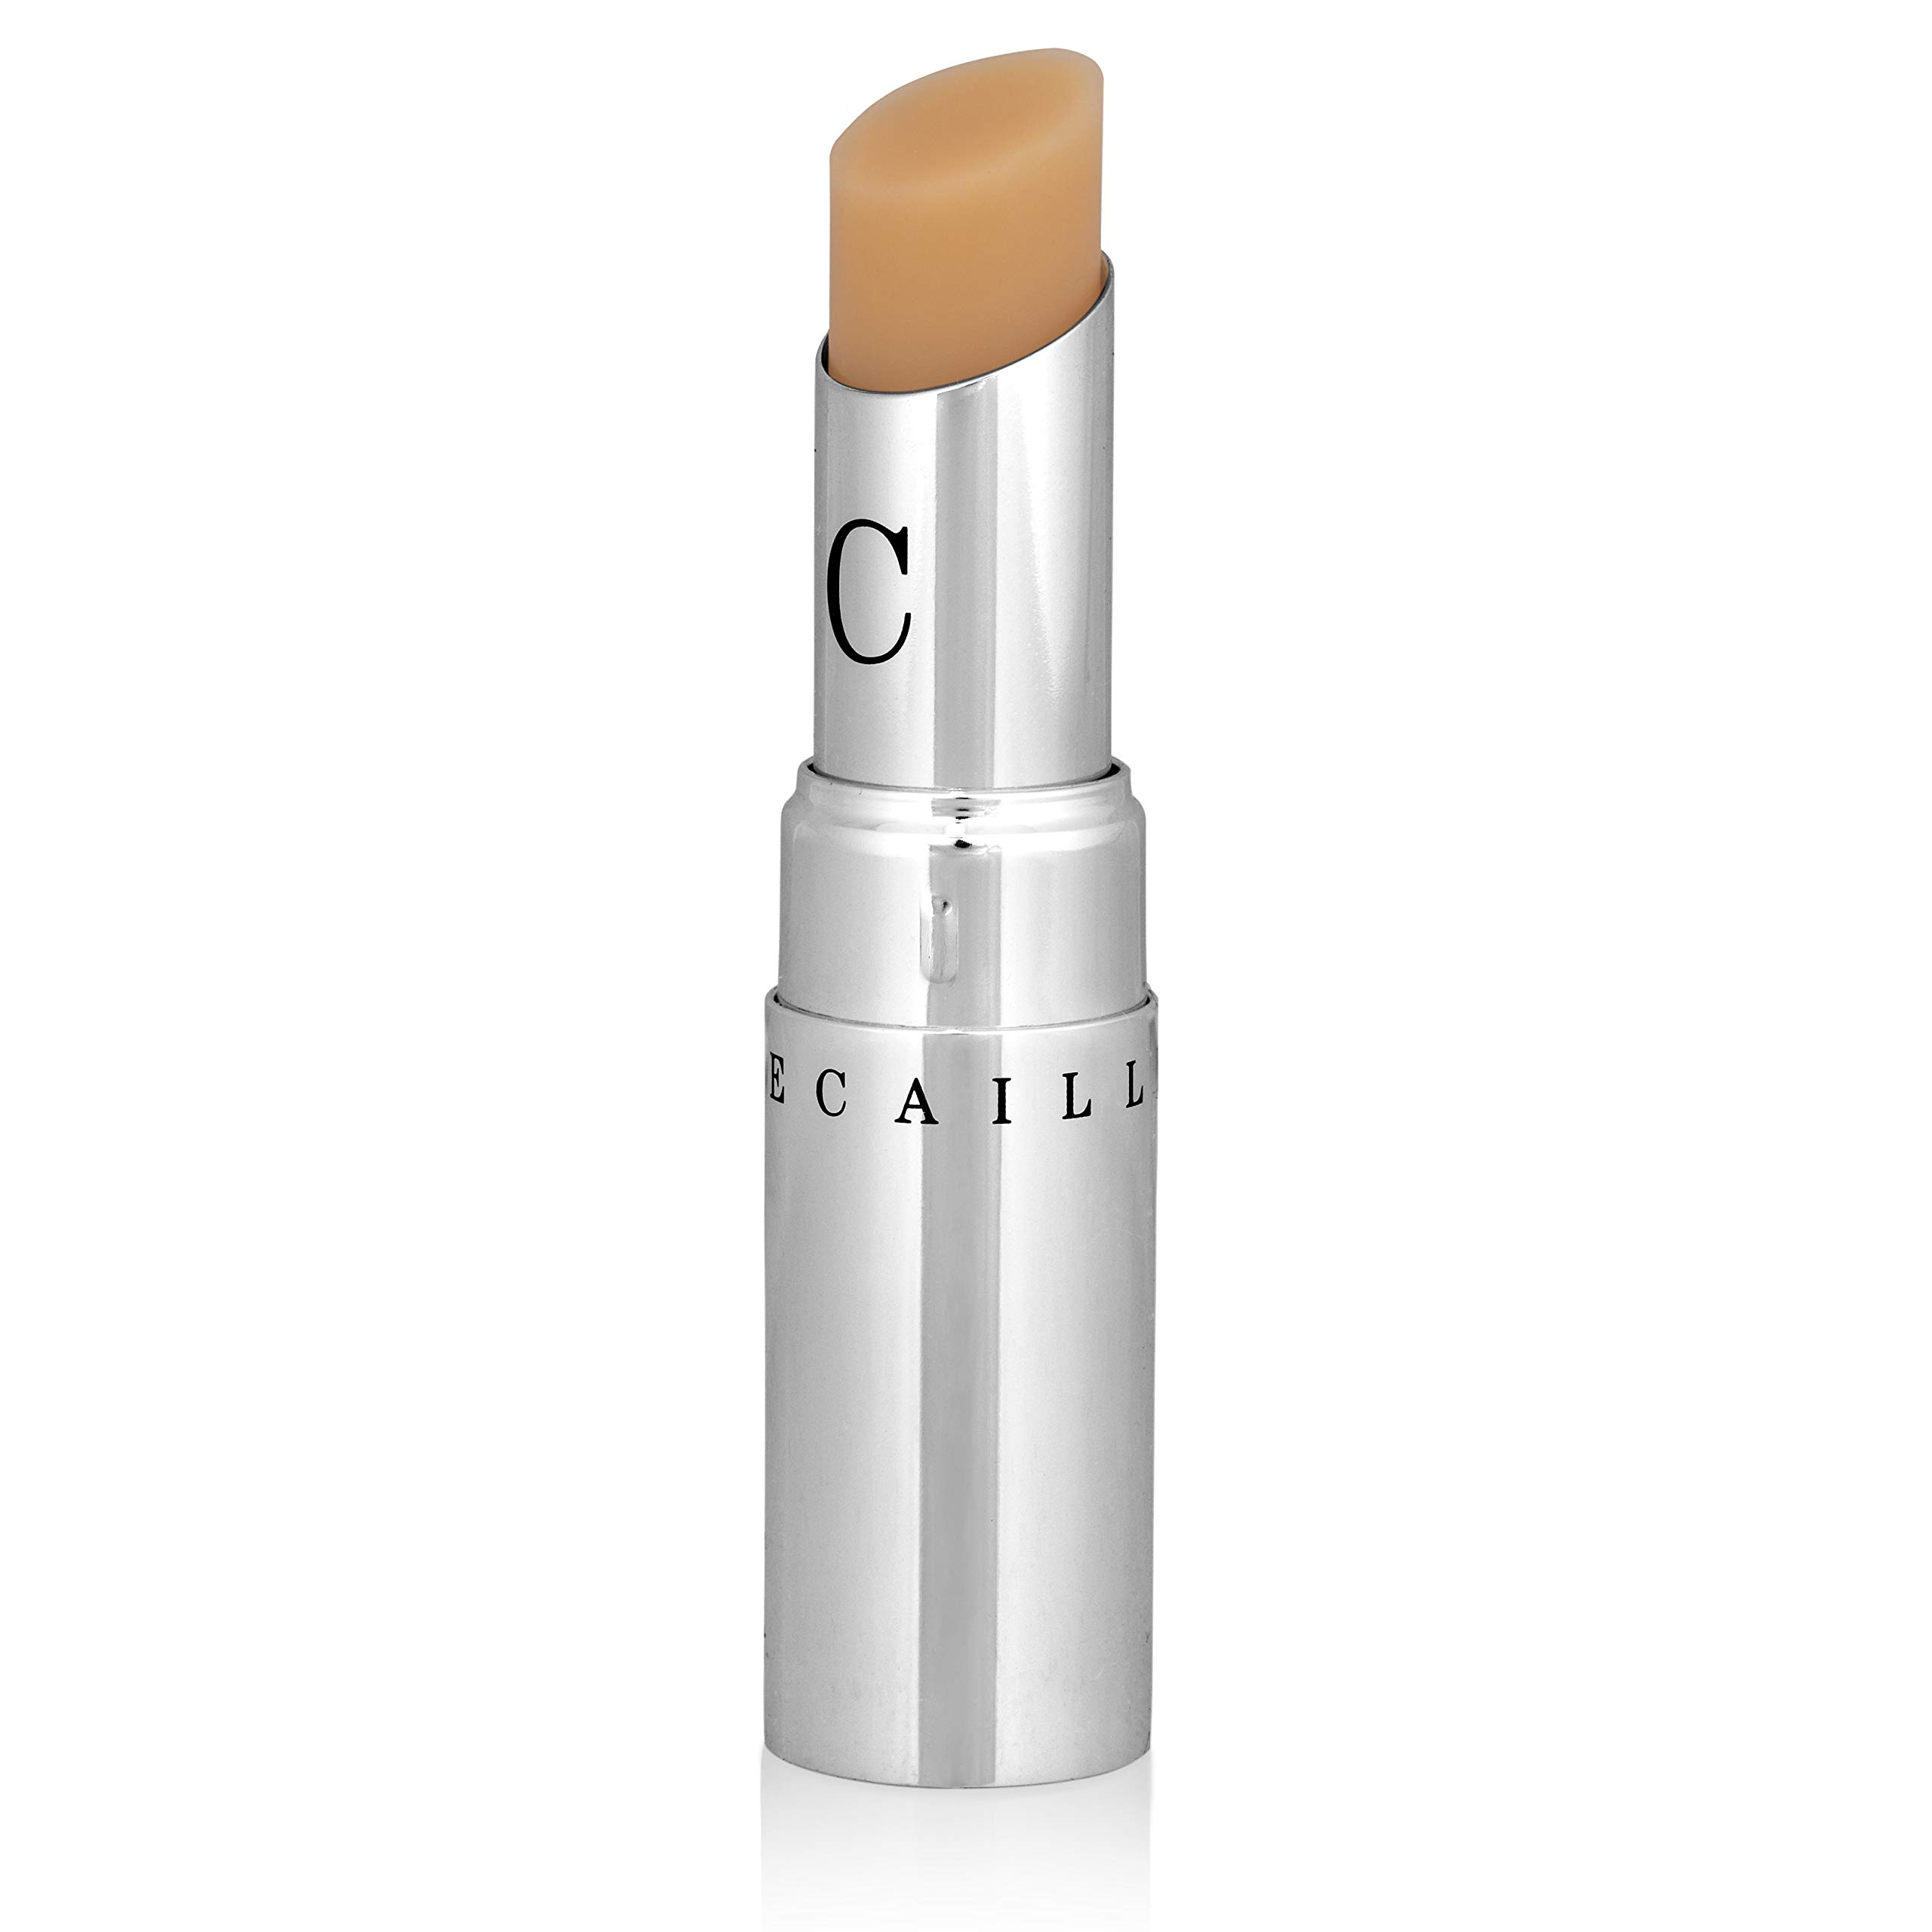 Chantecaille Tinted Lip Sunscreen Spf15, Neutral, 0.07 Ounce